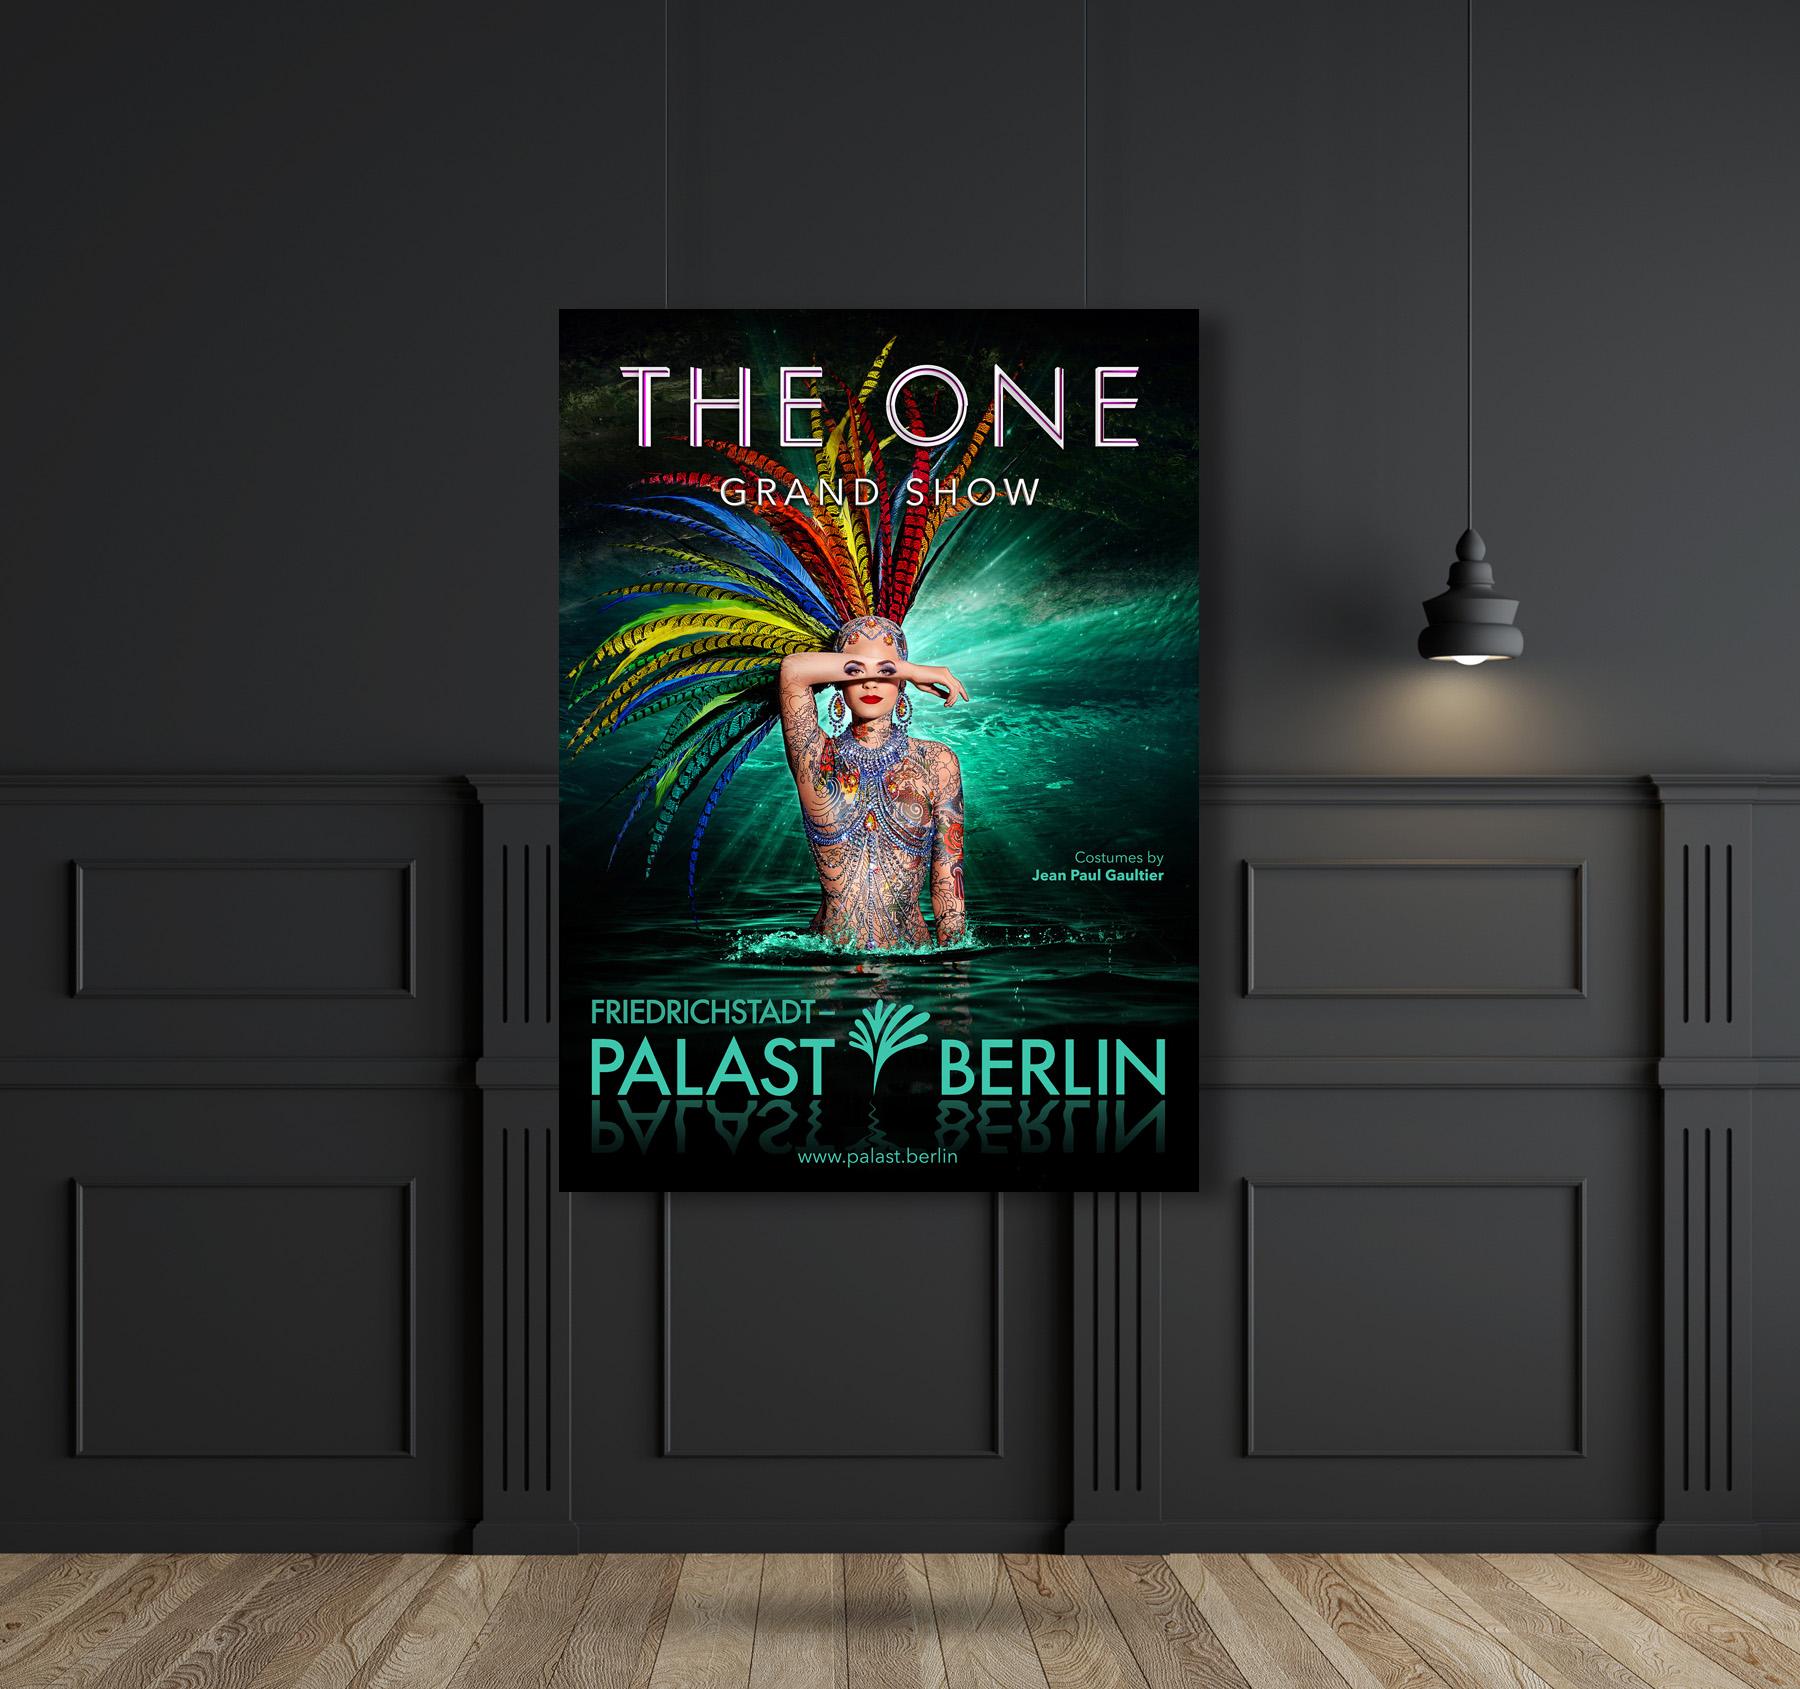 Jean_Paul_Gaultier_Friedrichstadt-Palast_Zhoi_Hy_3